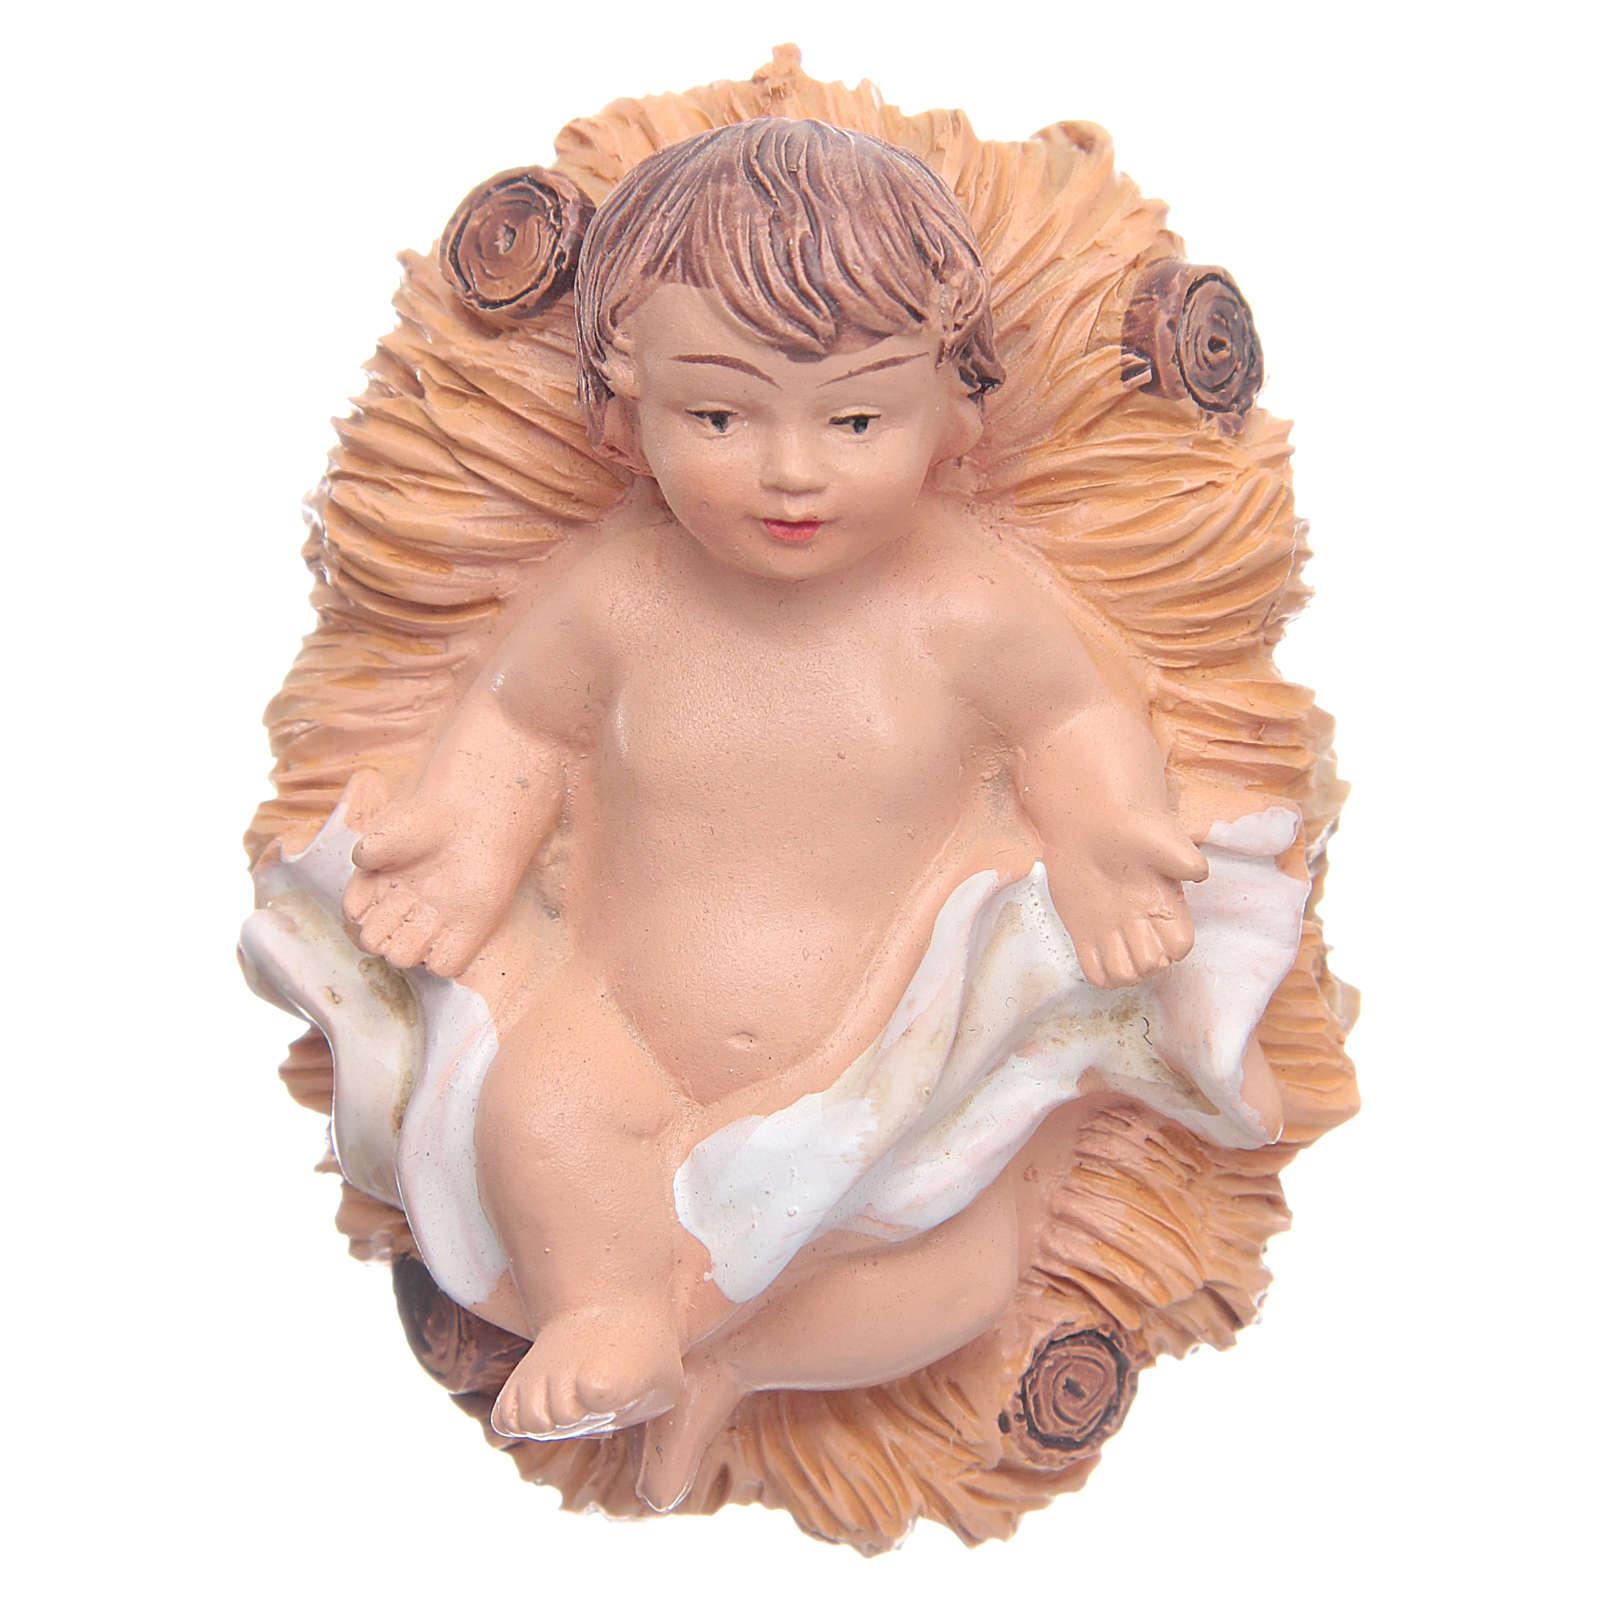 Enfant Jésus dans sa crèche en résine h 2,5 3